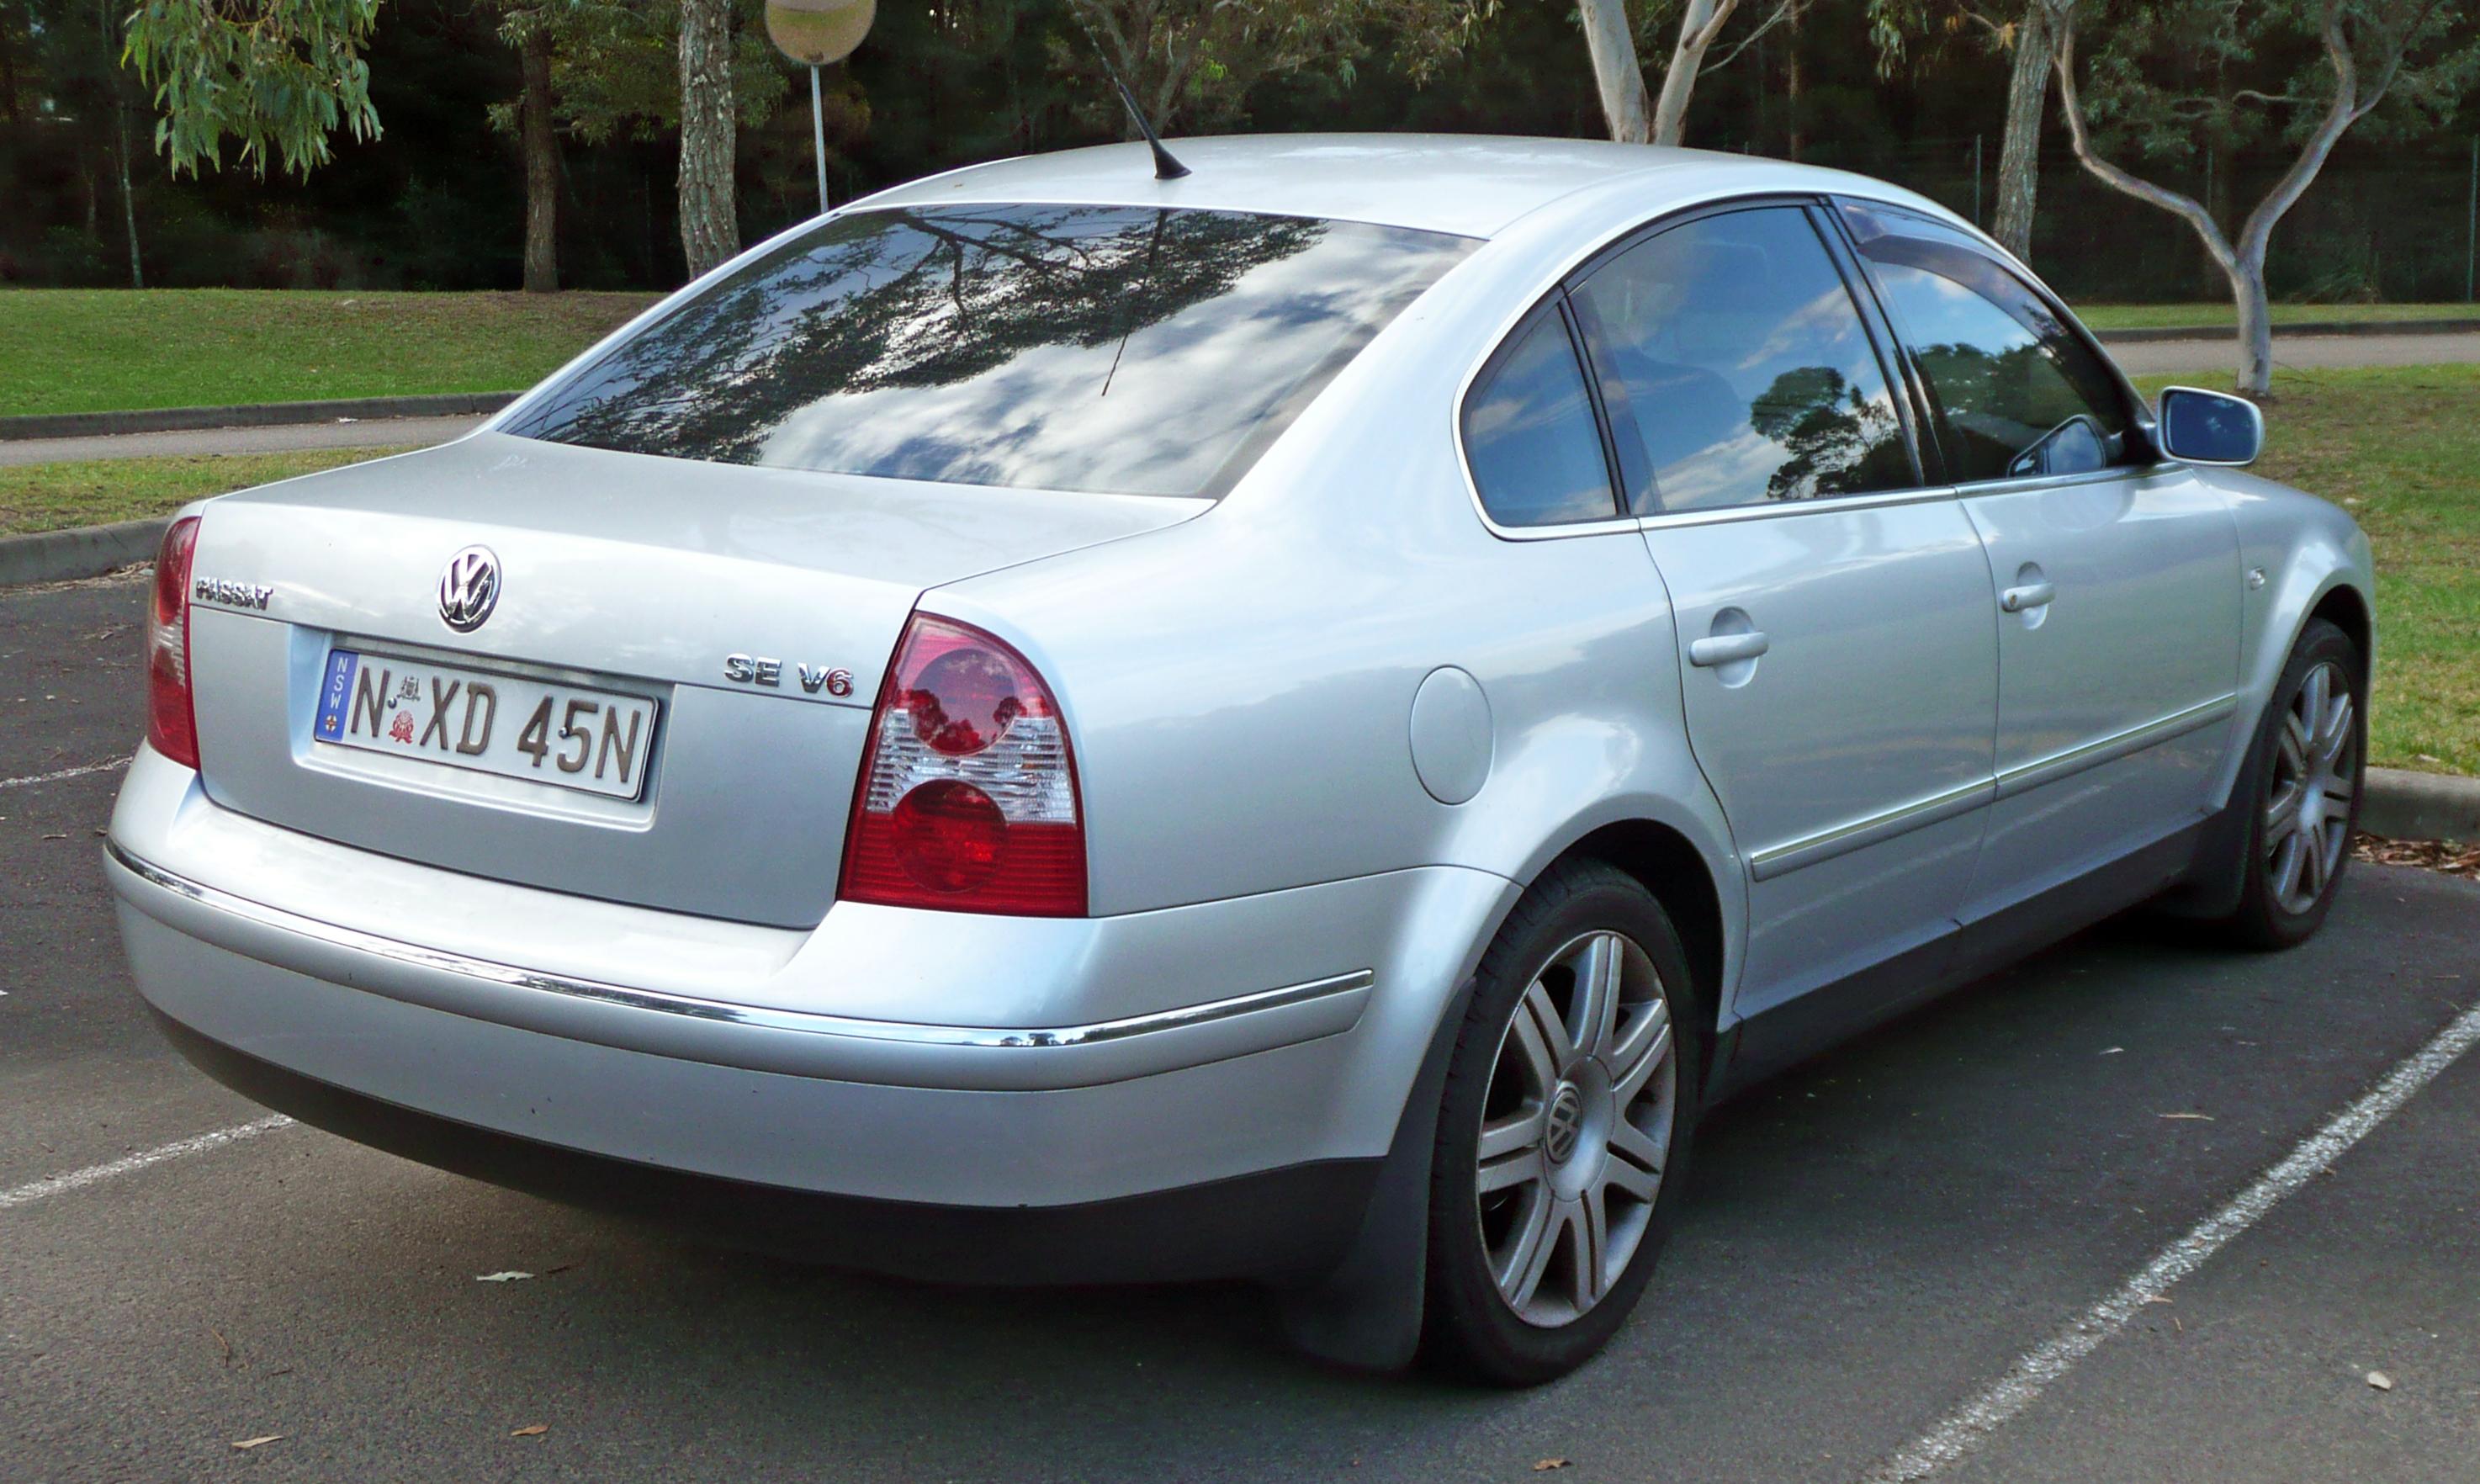 File2003 Volkswagen Passat 3BG MY03 SE V6 sedan 20100504 03